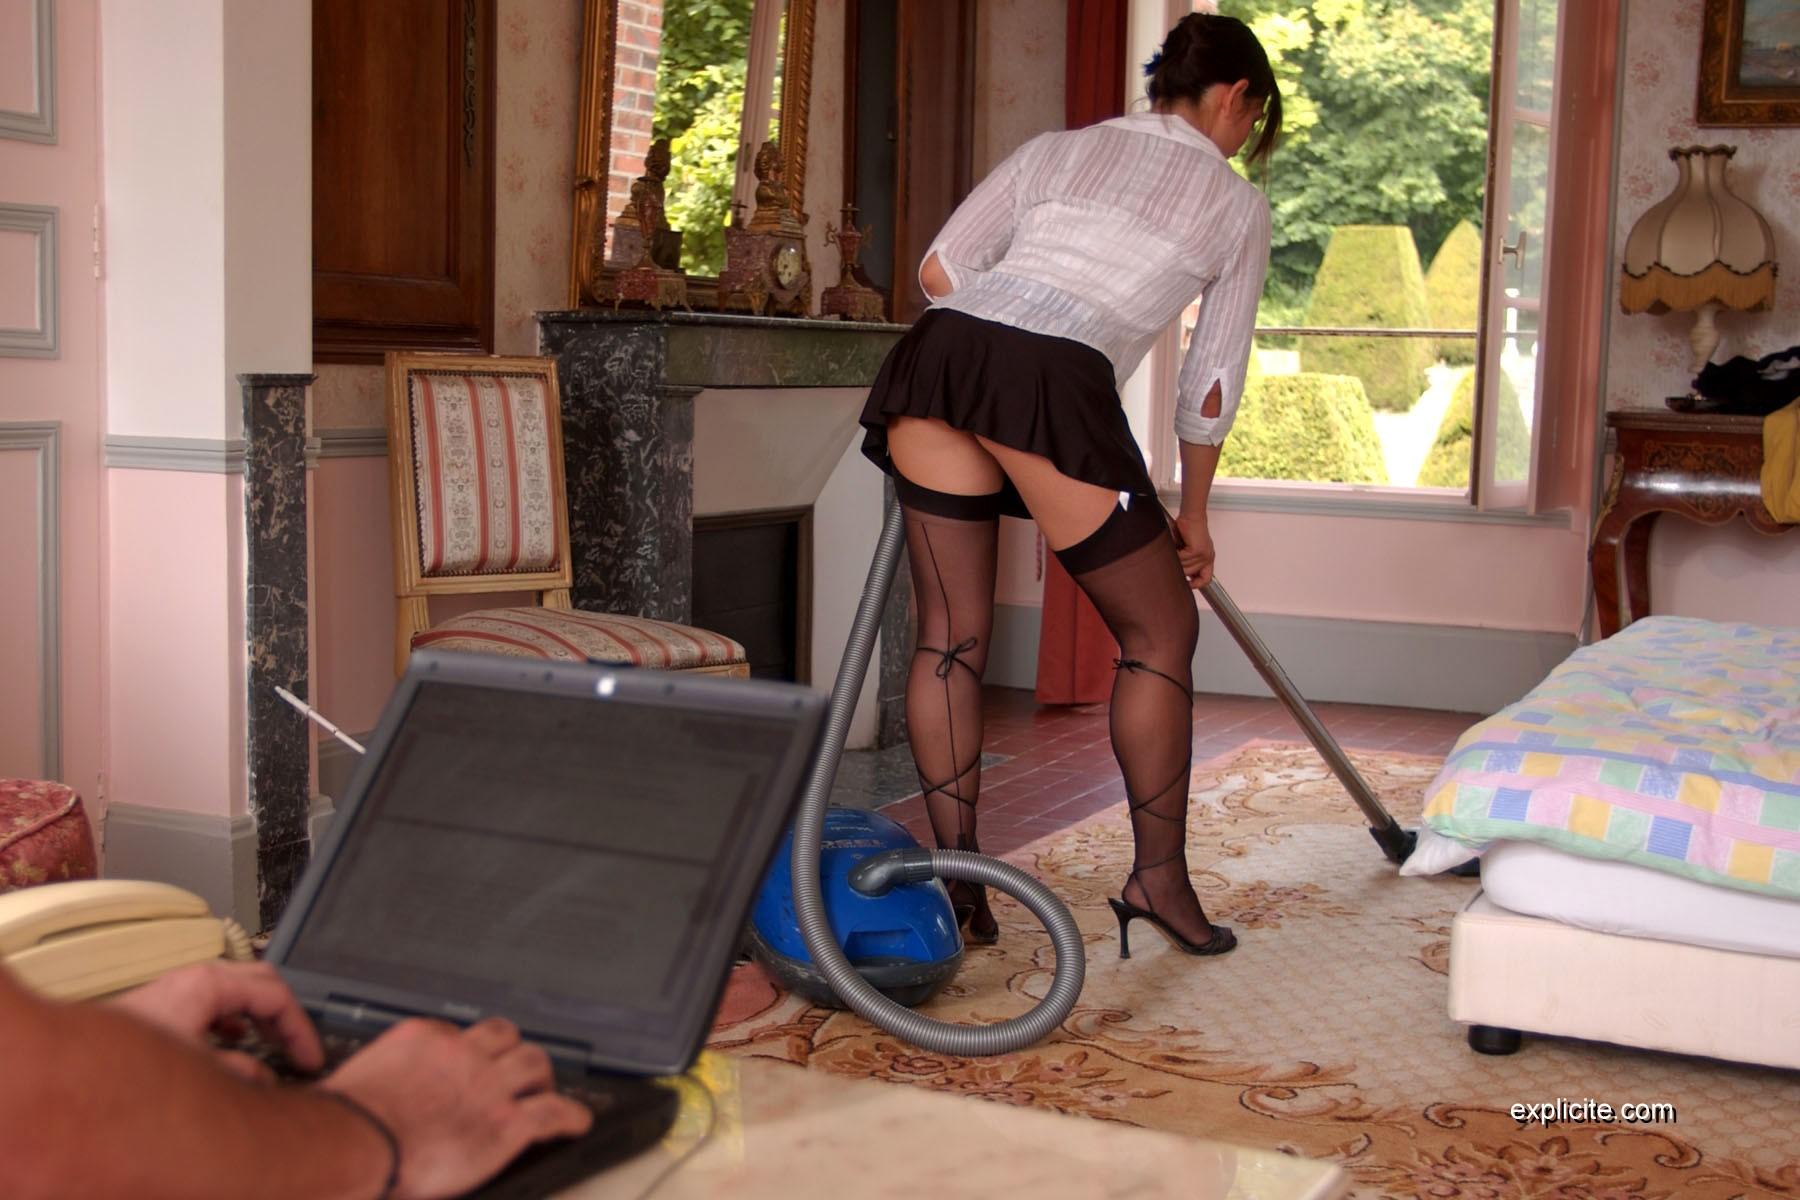 Ходит по квартире и мастурбирует 9 фотография